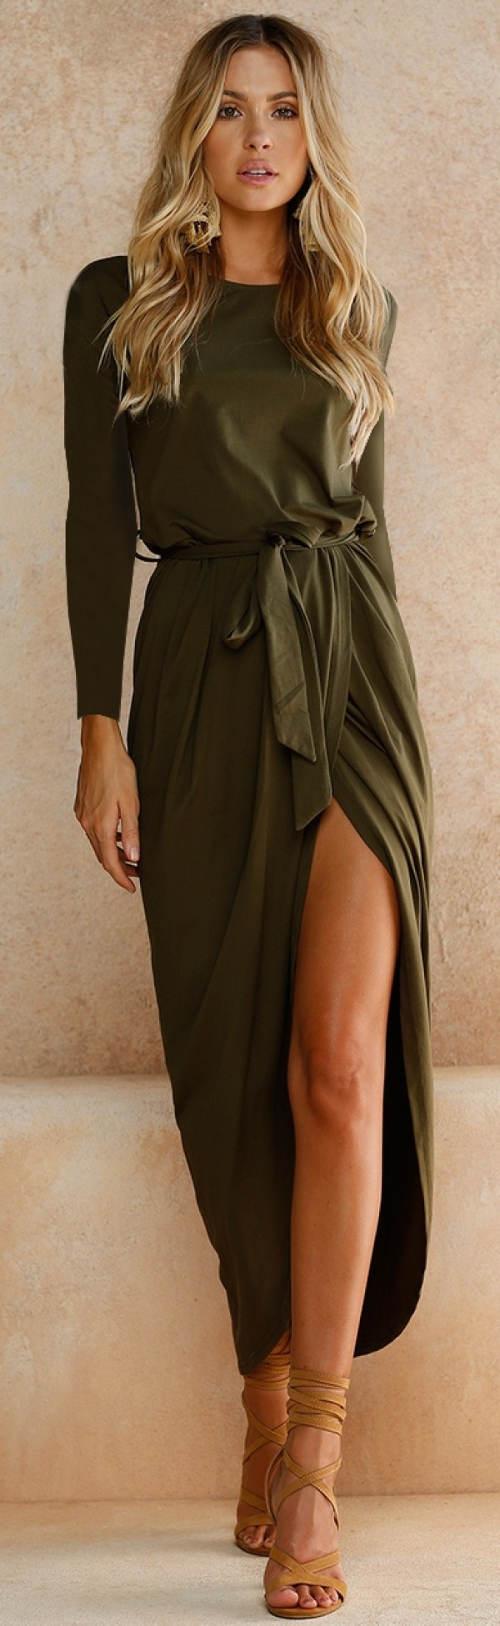 1a4daadabbcf Společenské zavinovací maxi šaty · Šaty pro plnoštíhlé